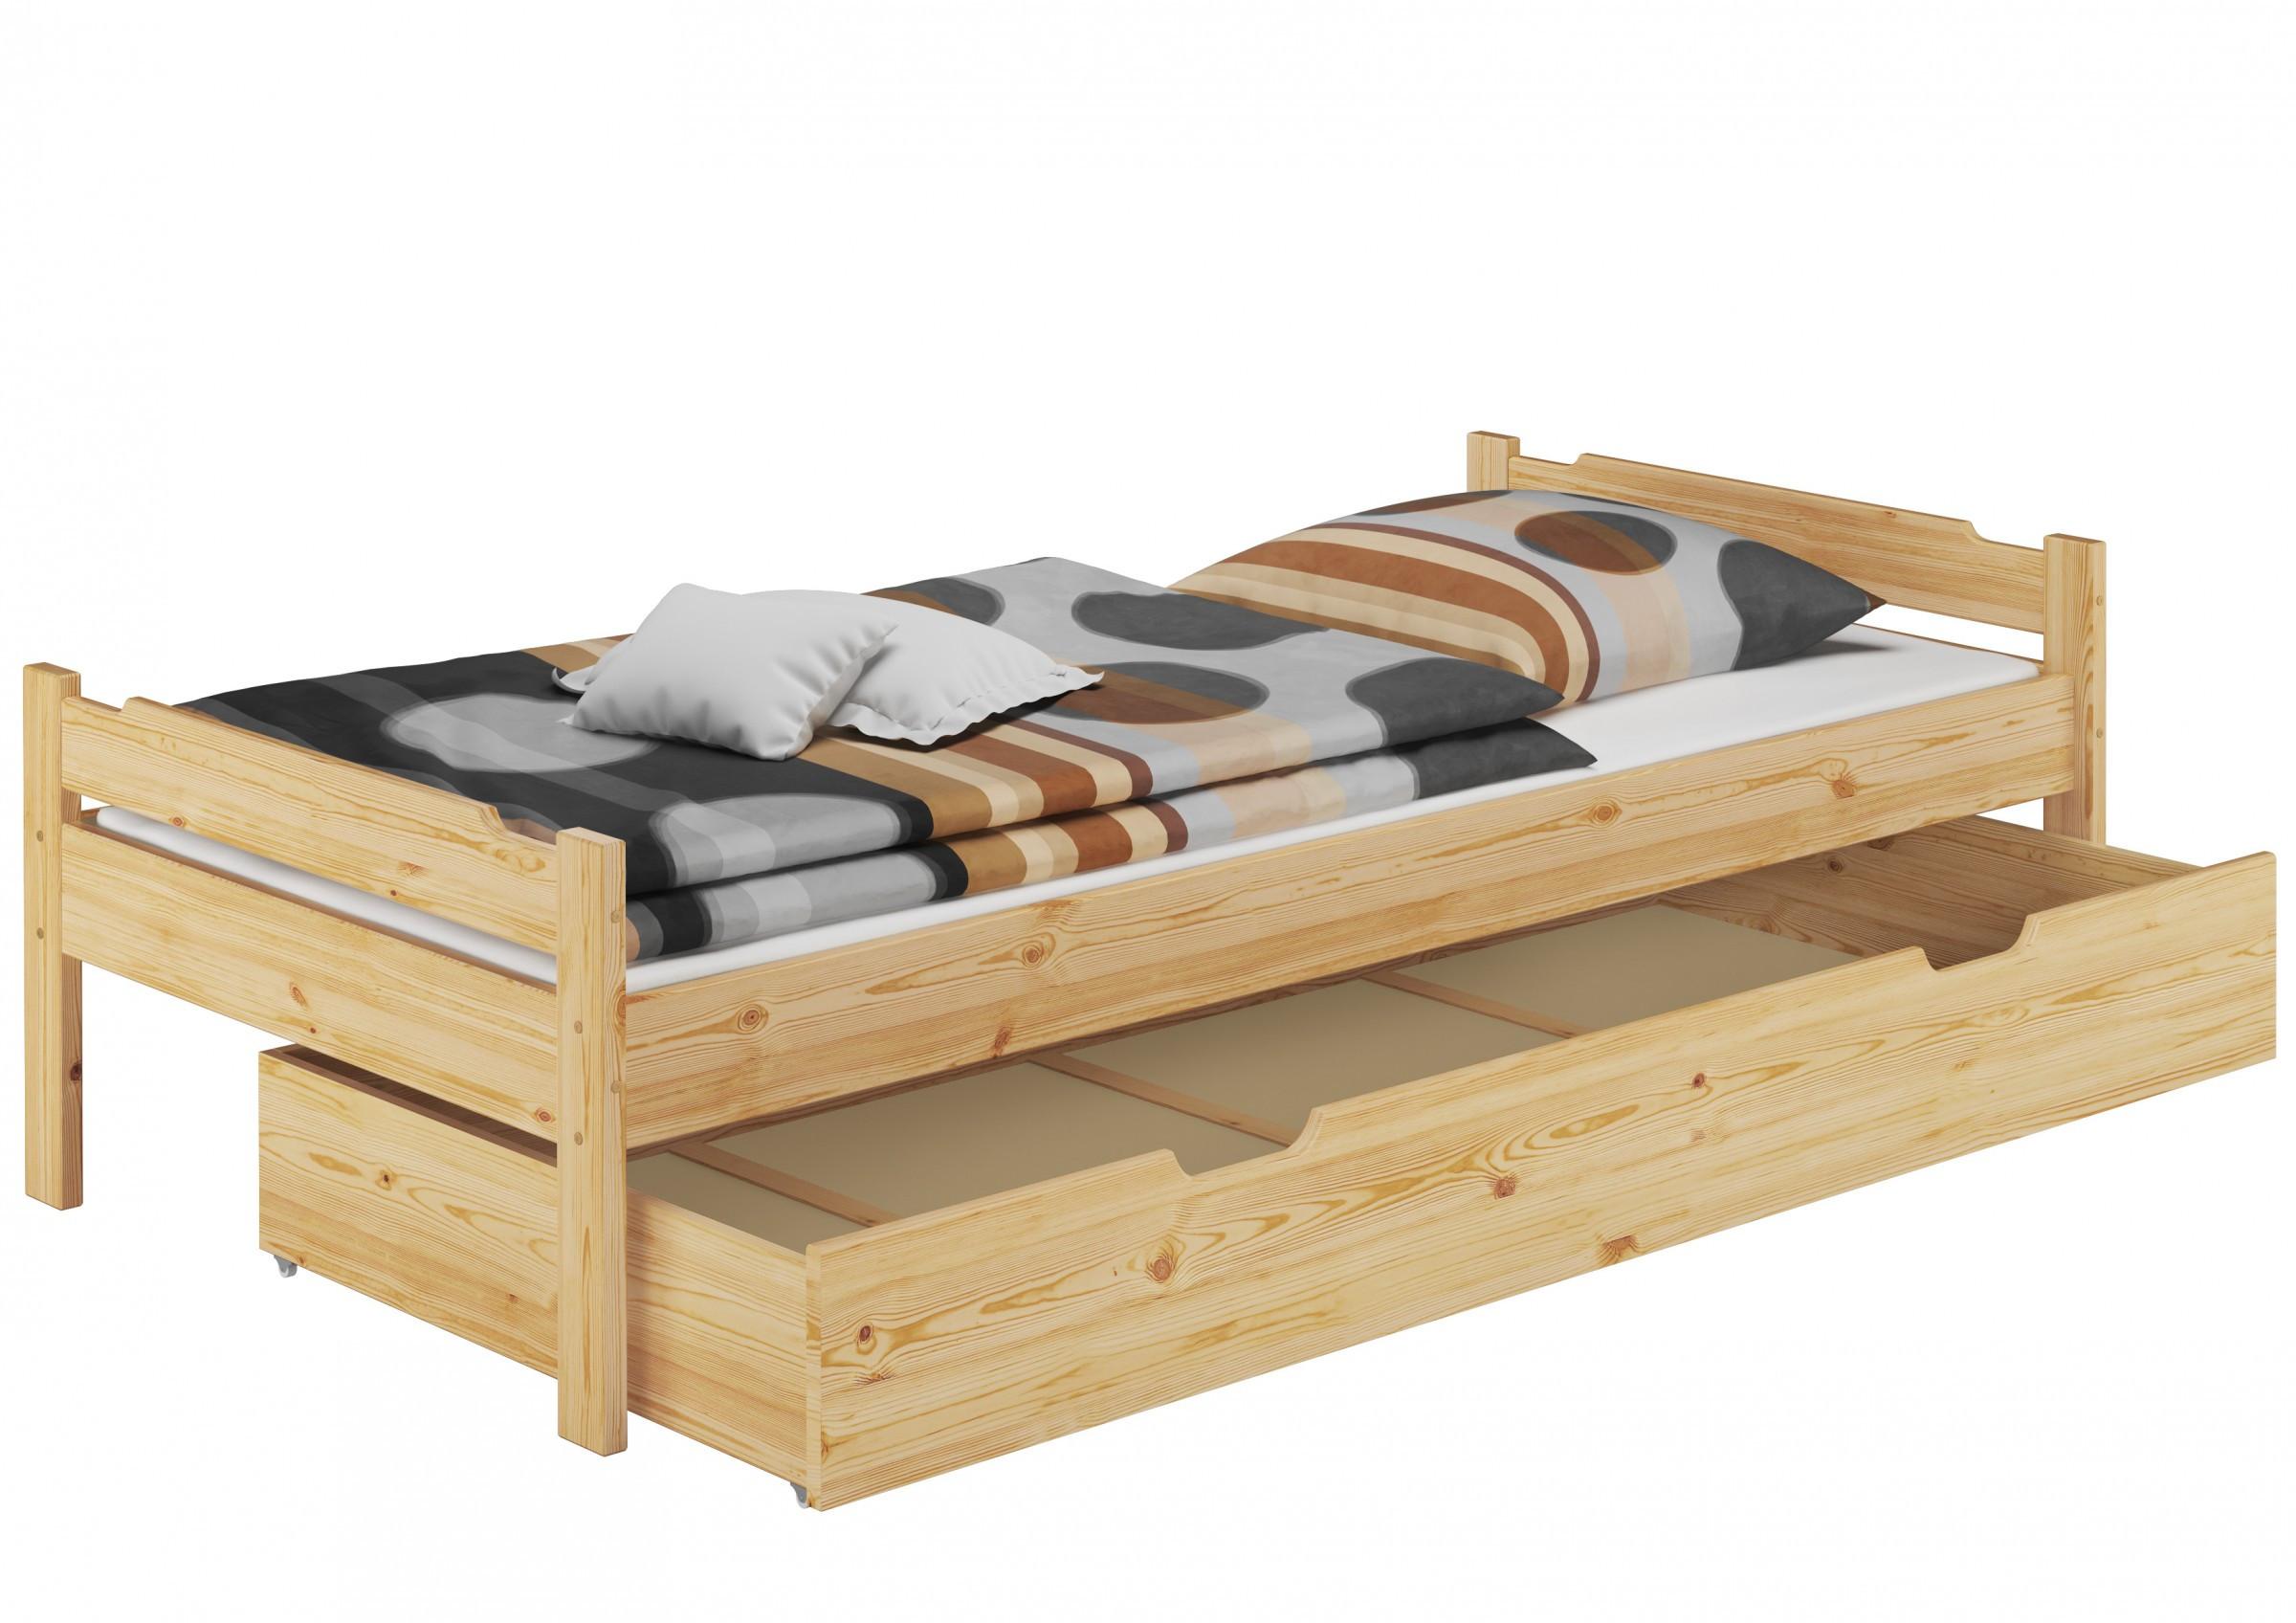 Bett 80x200  Bett 80x200 Einzelbett Jugenbett Kiefer natur Rollrost